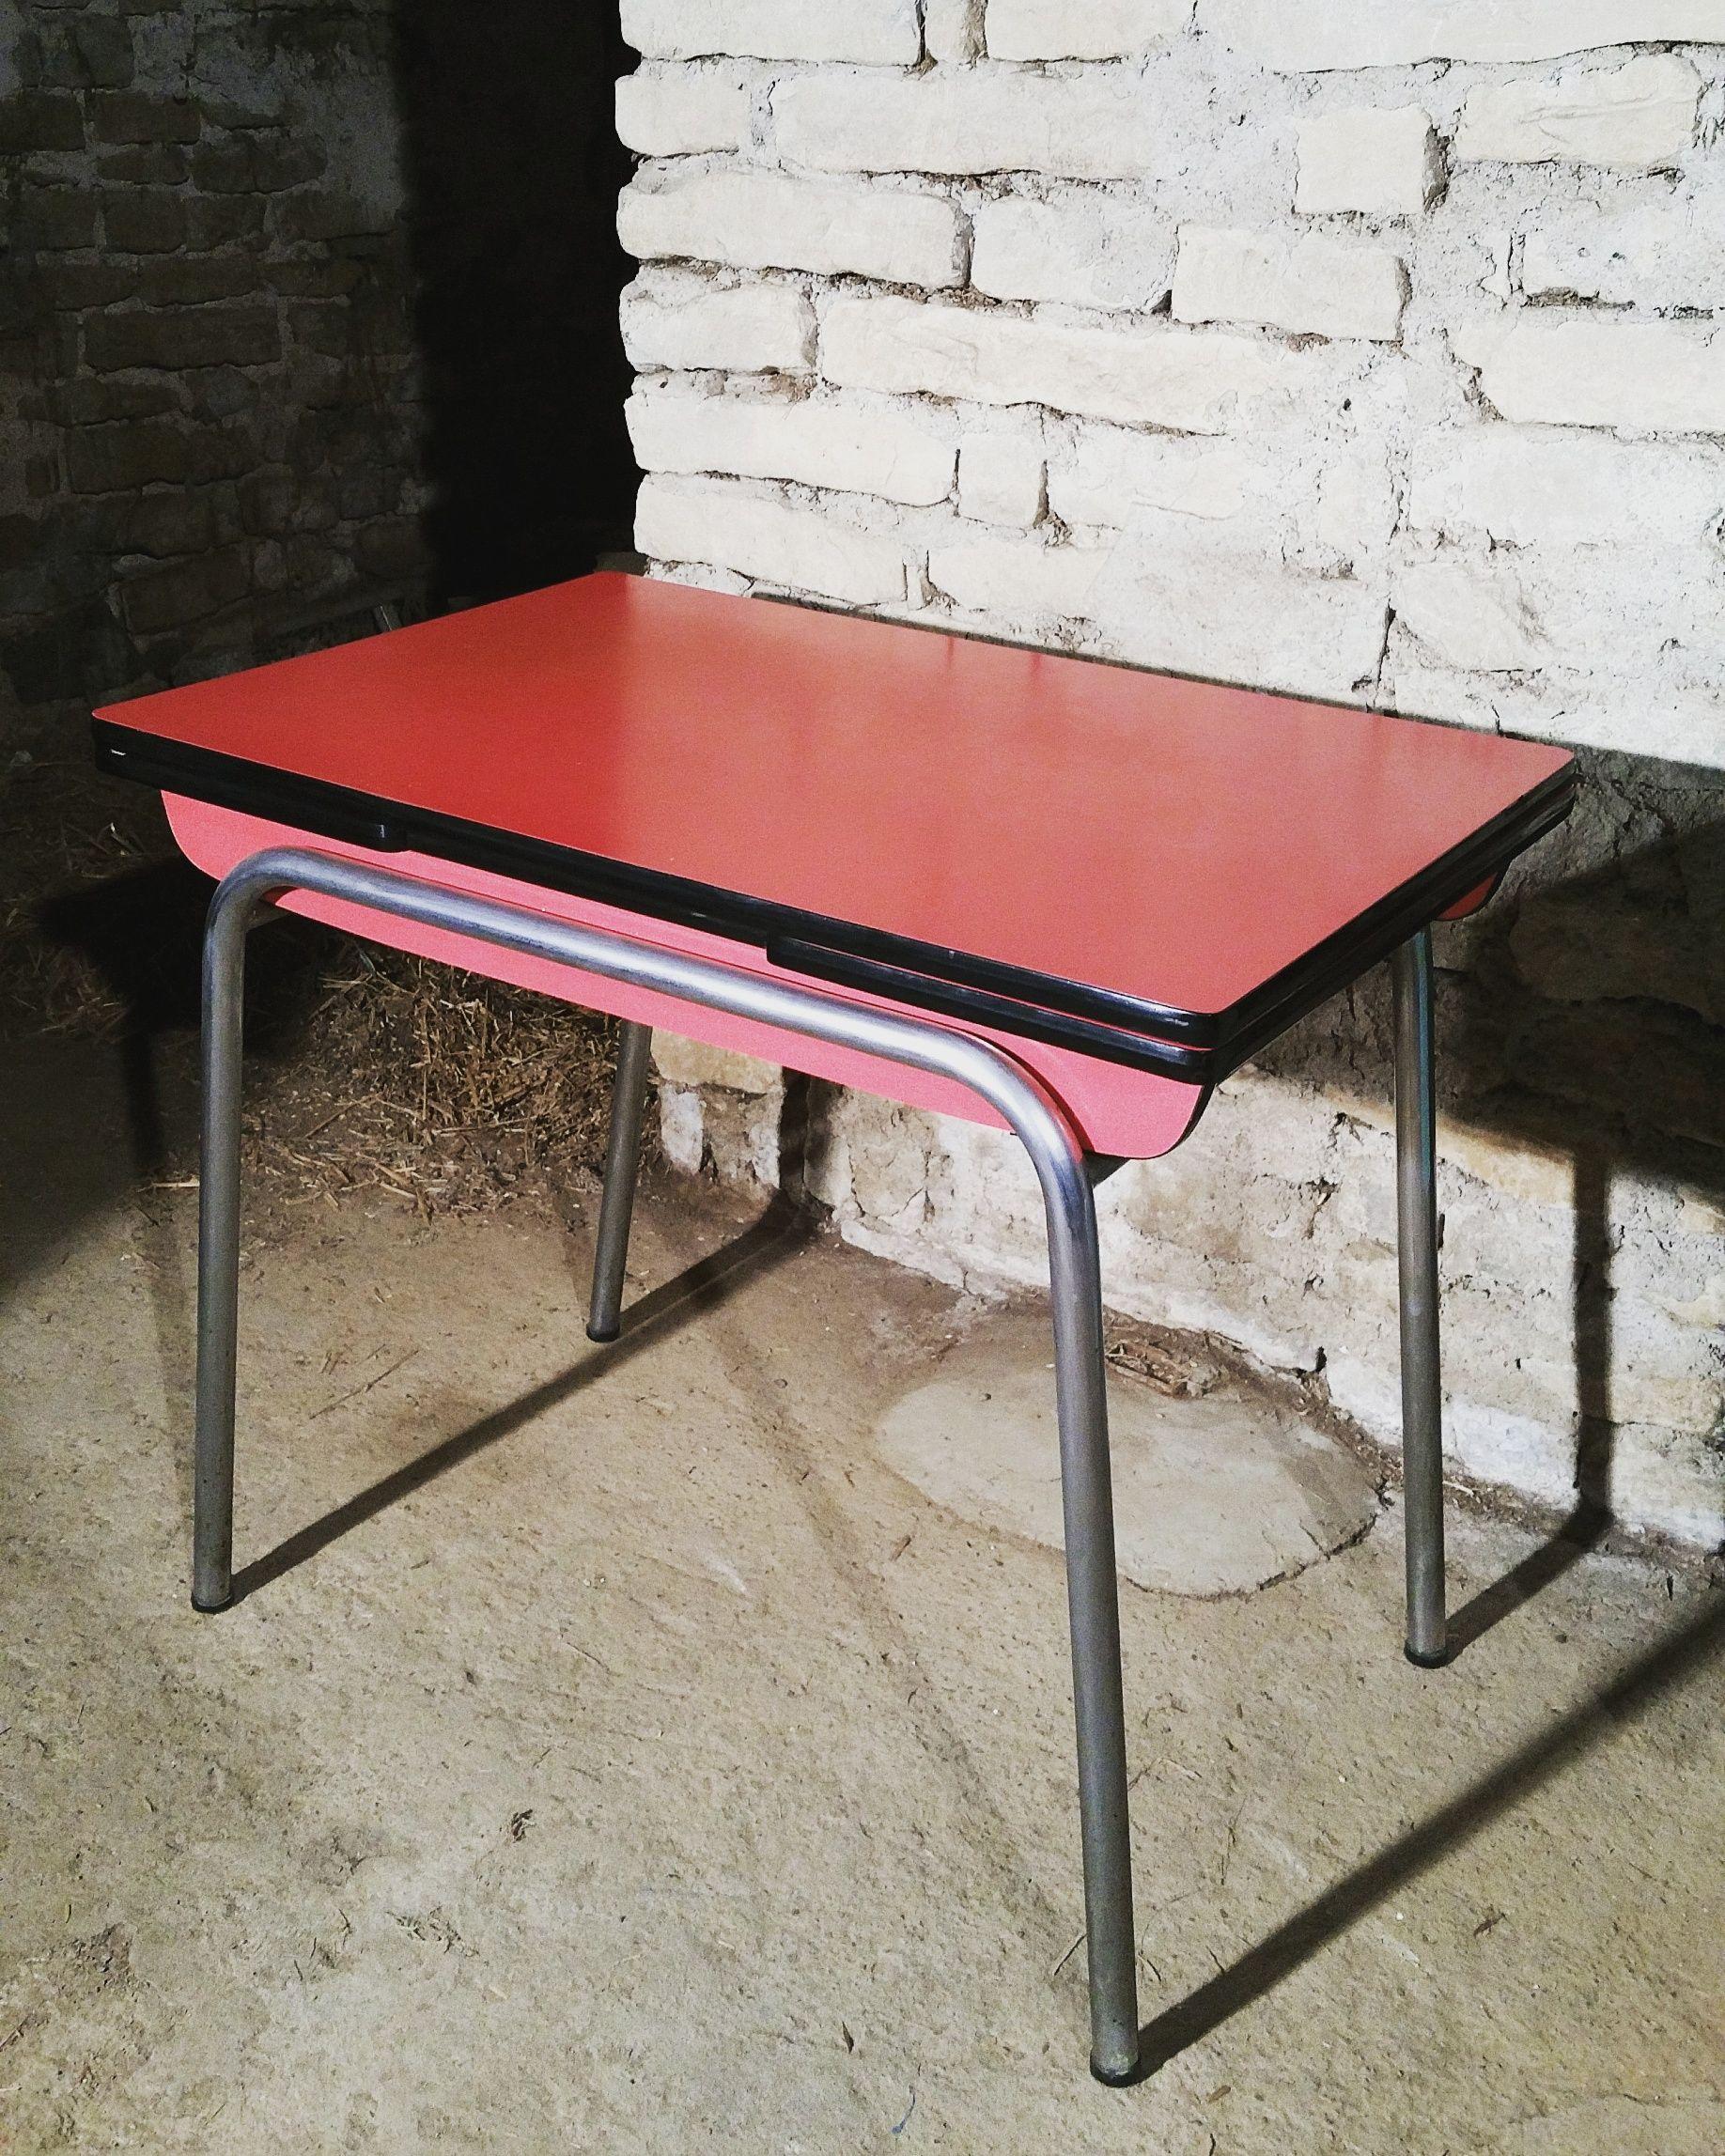 Mobilier Industriel Et Vintage Nancy Lorraine Table Formica Meuble Vintage Mobilier